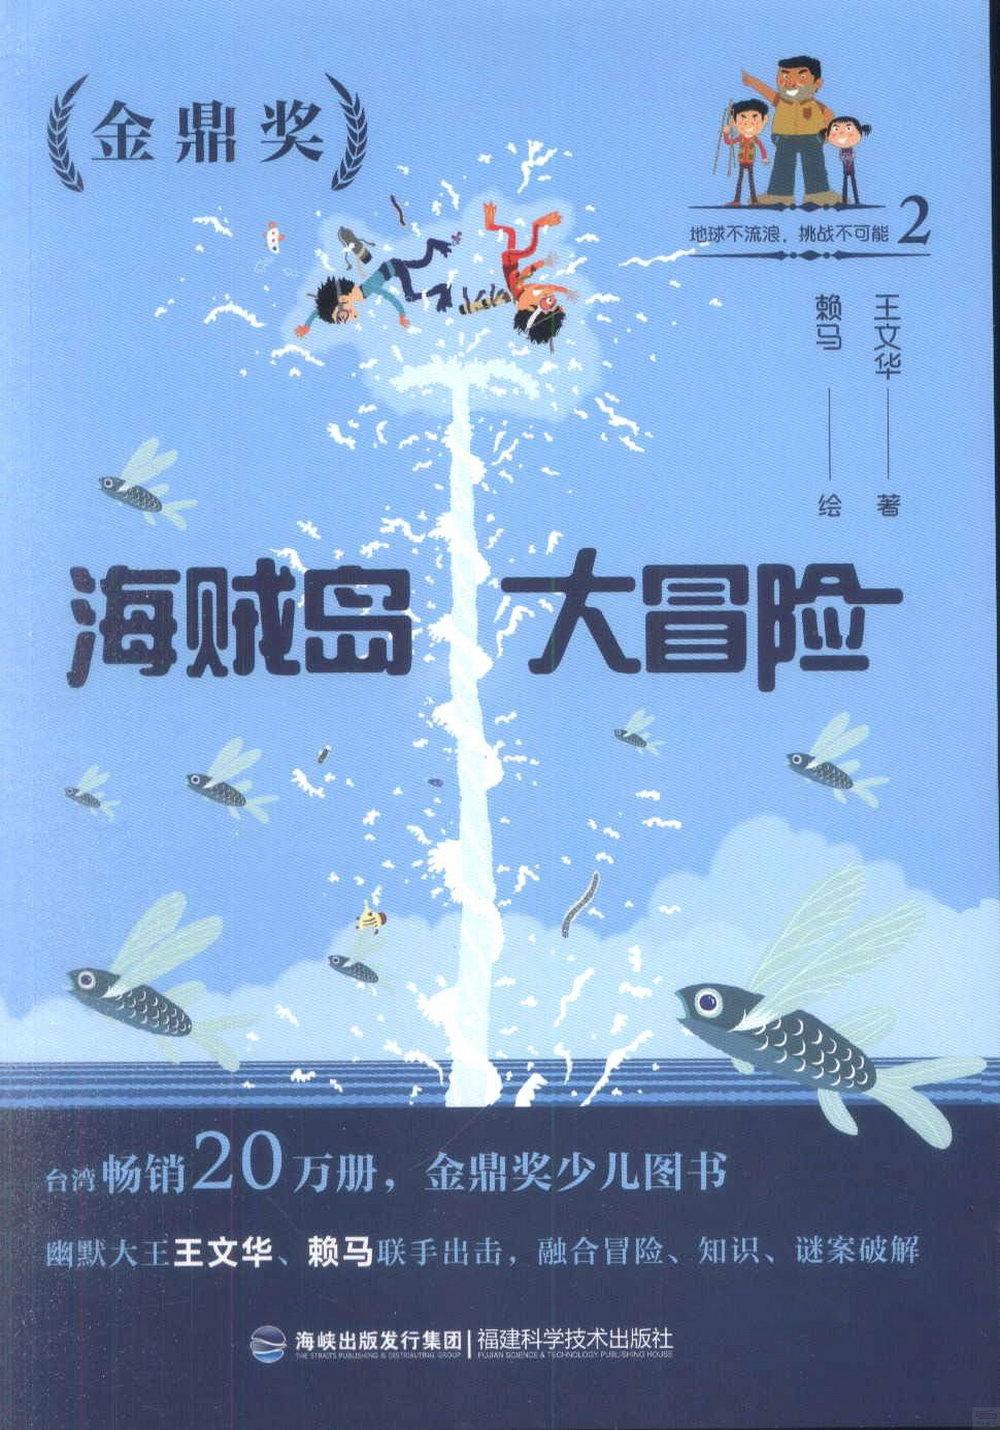 地球不流浪,挑戰不可能(2):海賊島大冒險